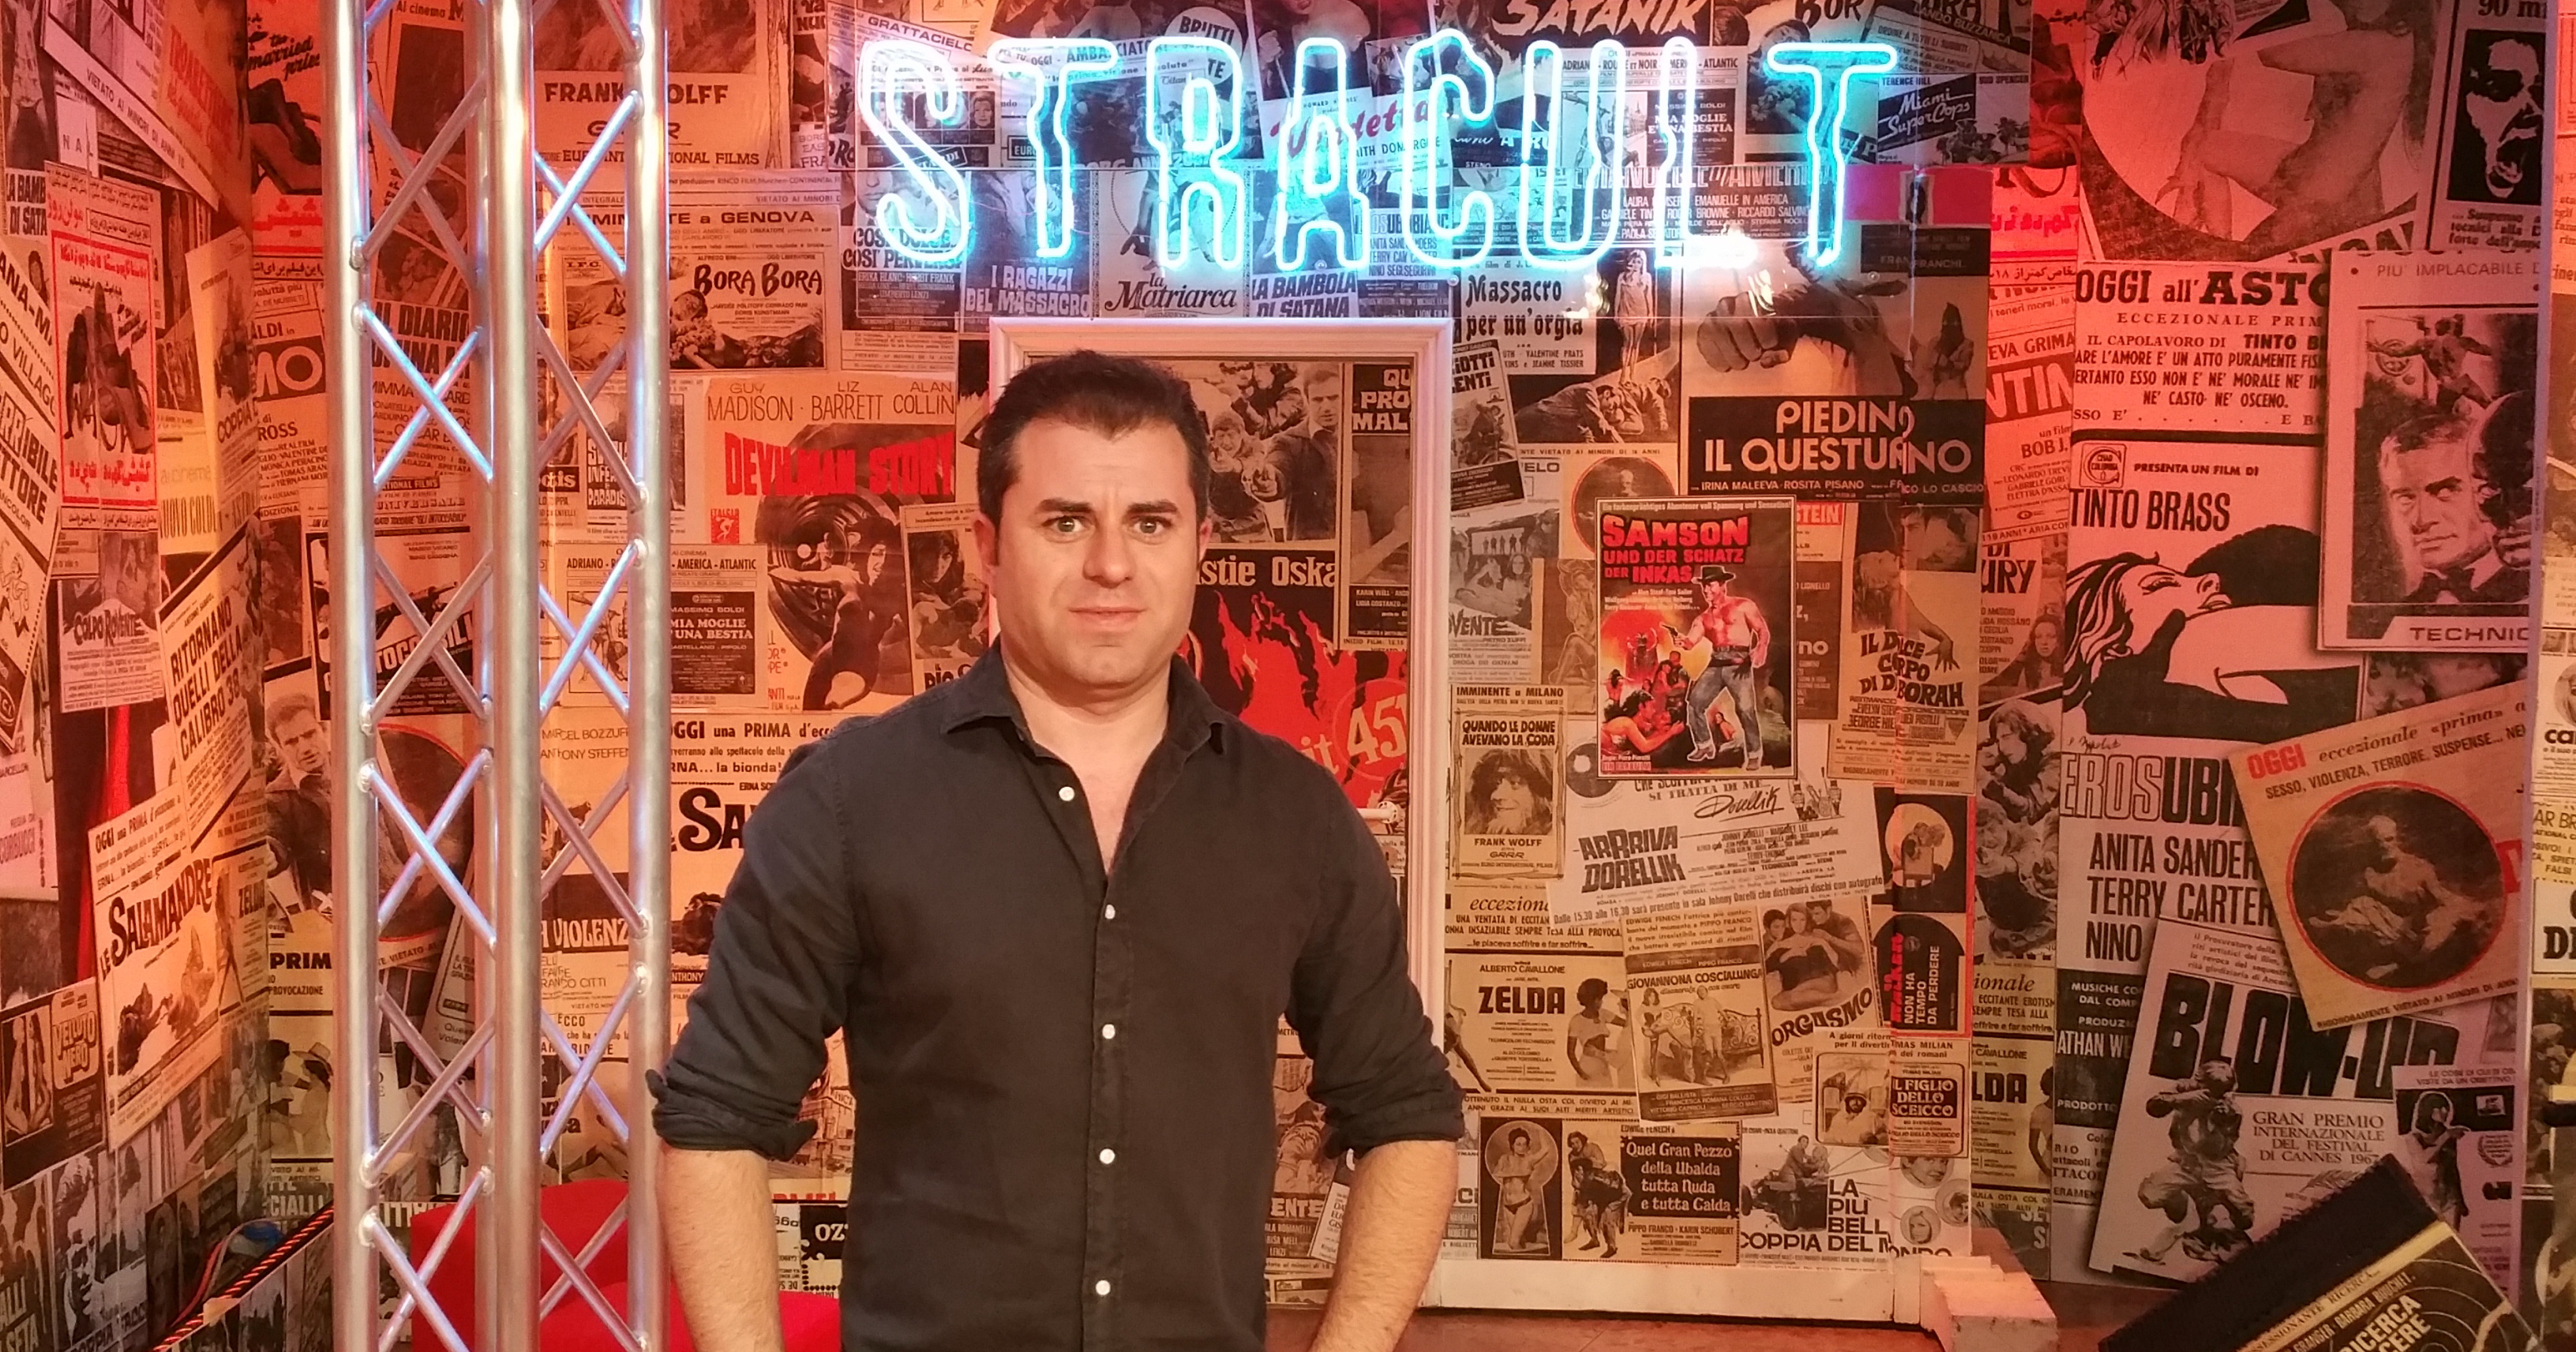 Venerdì 8 luglio torna su Rai 2 la storica trasmissione Stracult – A casa di Marco Giusti, giunta alla sua sedicesima edizione e ormai diventata un must dell'estate televisiva. Per […]